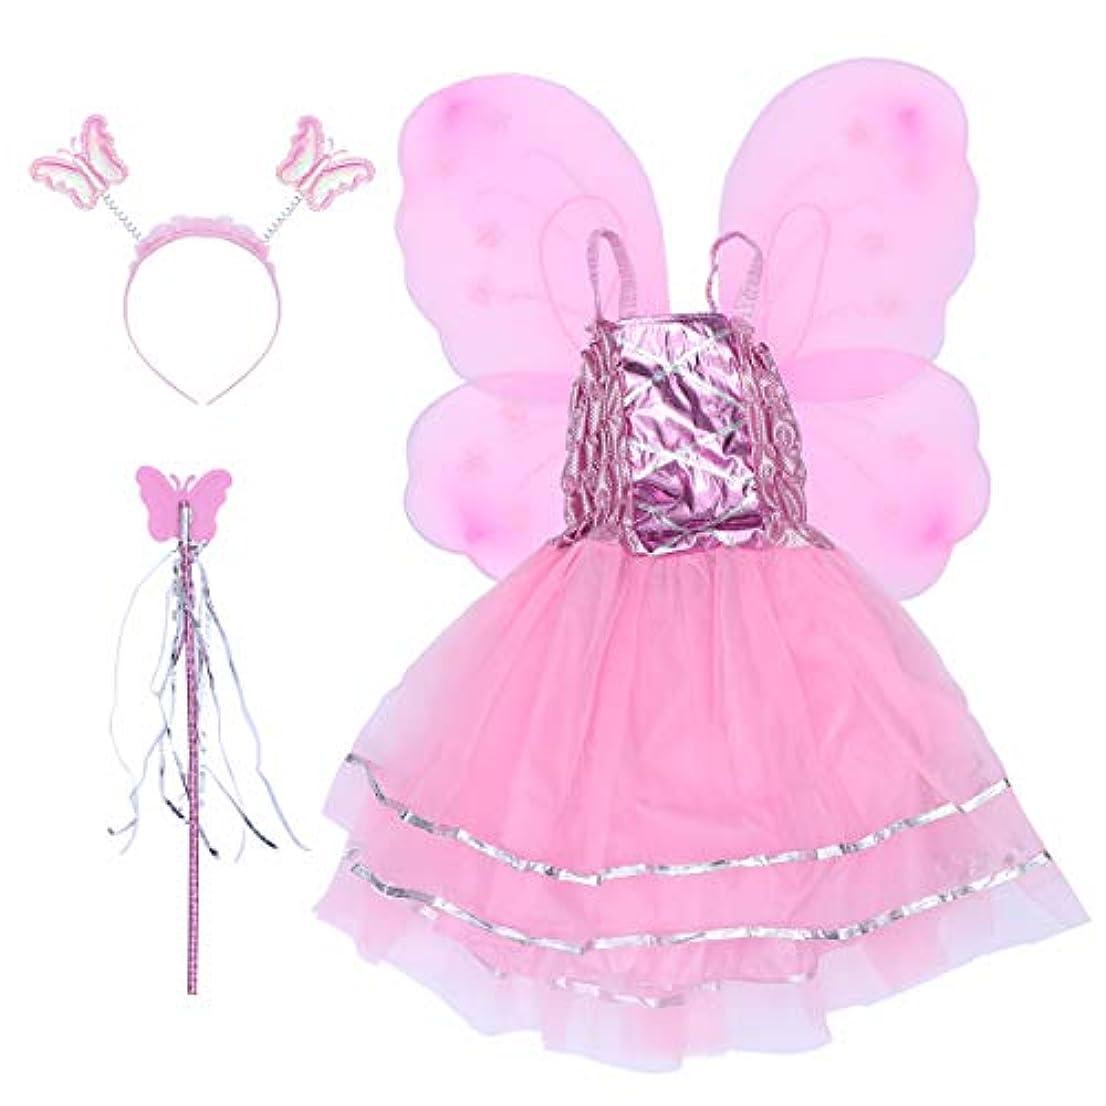 うまれたステーキ交差点BESTOYARD 4本の女の子バタフライプリンセス妖精のコスチュームセットバタフライウィング、ワンド、ヘッドバンドとツツードレス(ピンク)